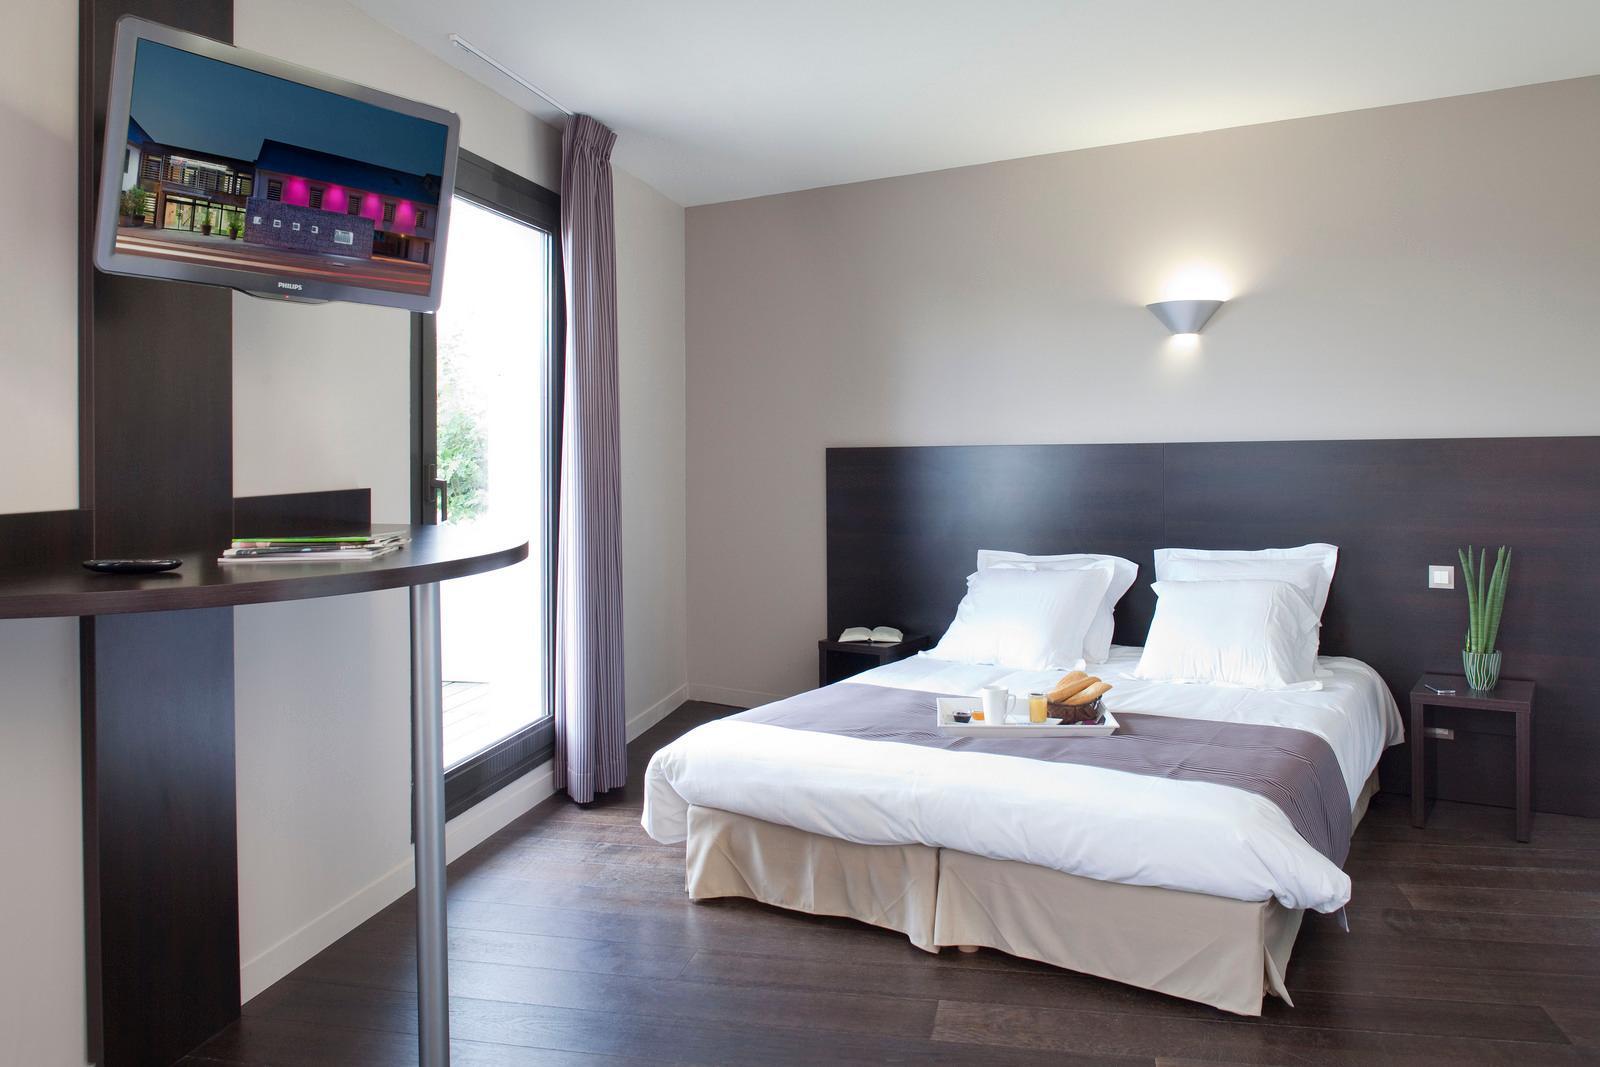 背景墙 房间 家居 起居室 设计 卧室 卧室装修 现代 装修 1600_1067